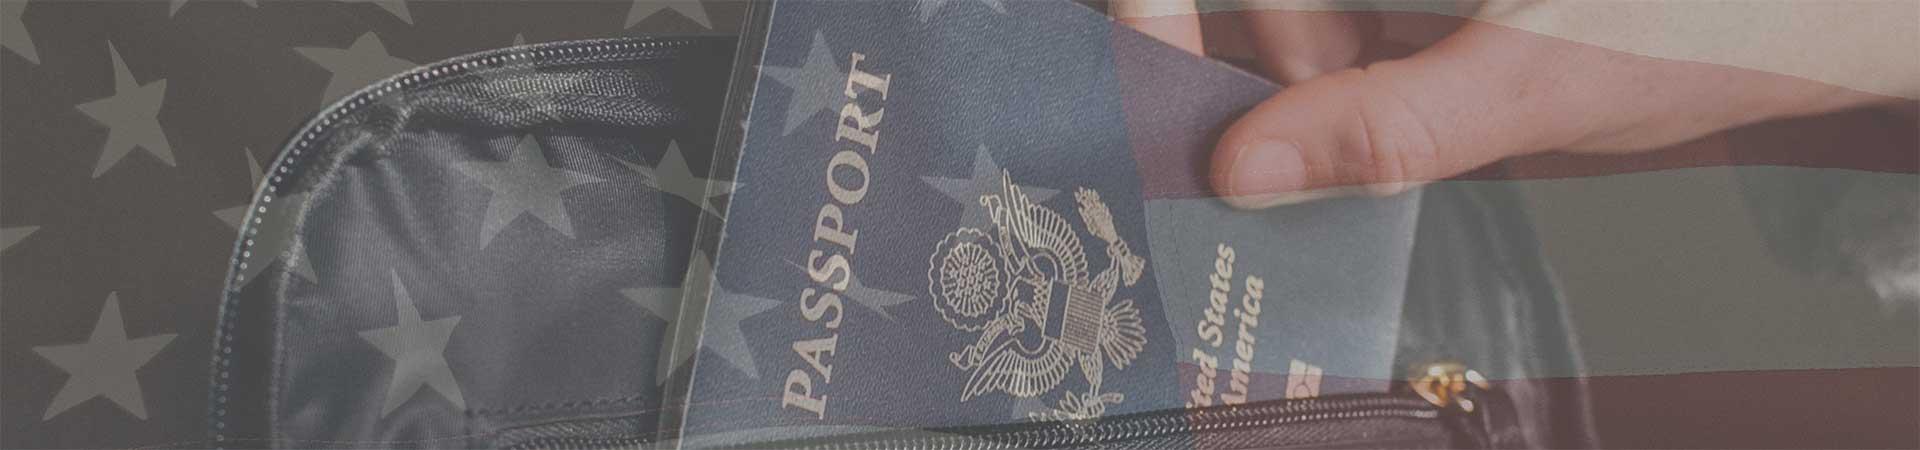 DS2019 Form for the J1 Visa